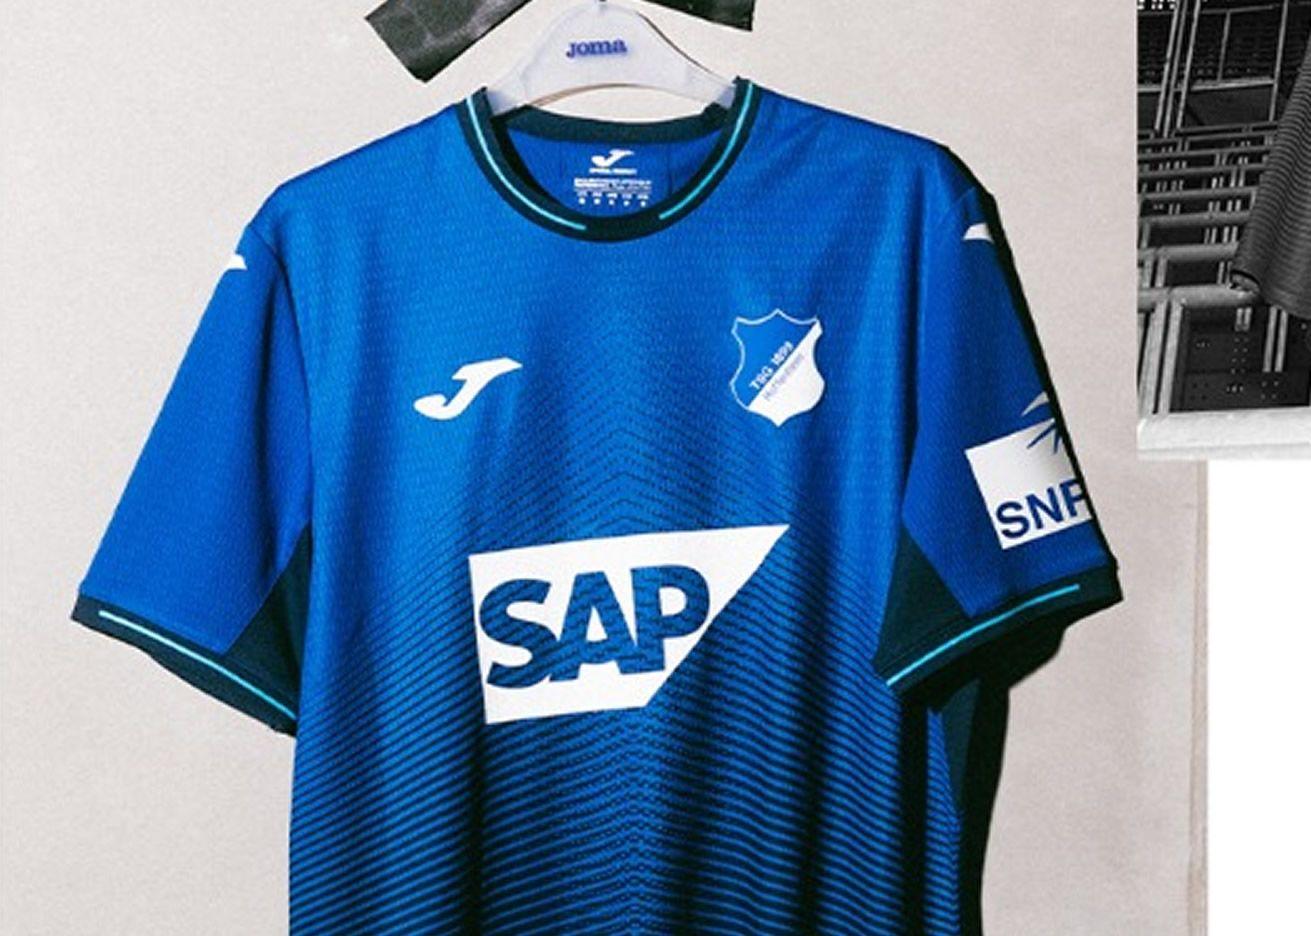 Camiseta Joma del Hoffenheim 2021/22